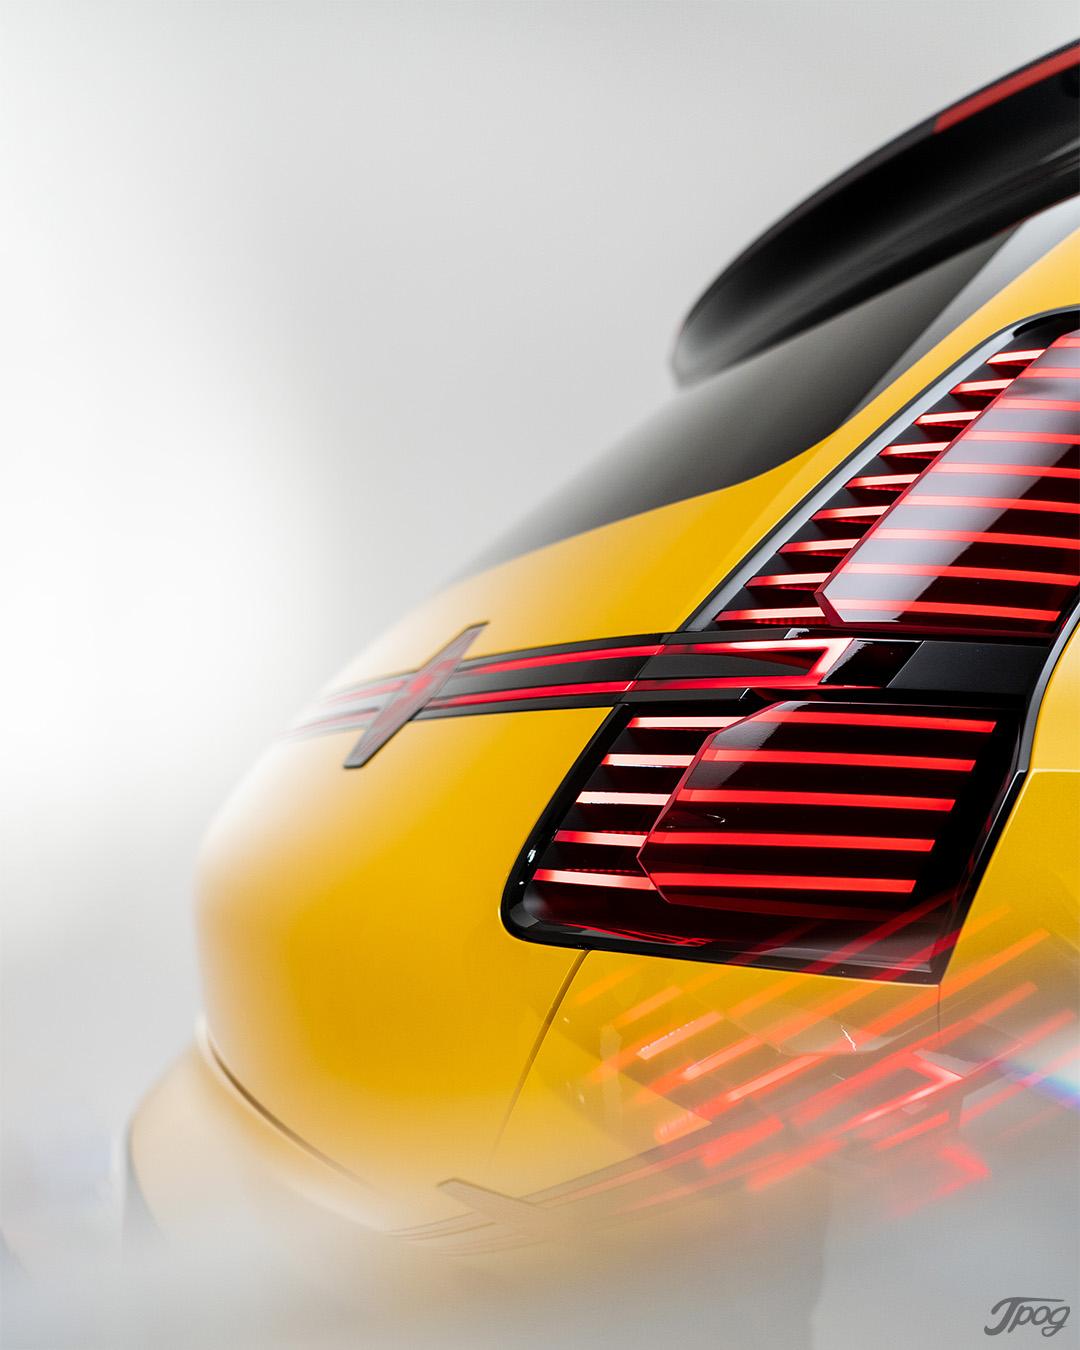 Renault R5 Concept, Copyright Jpog.fr